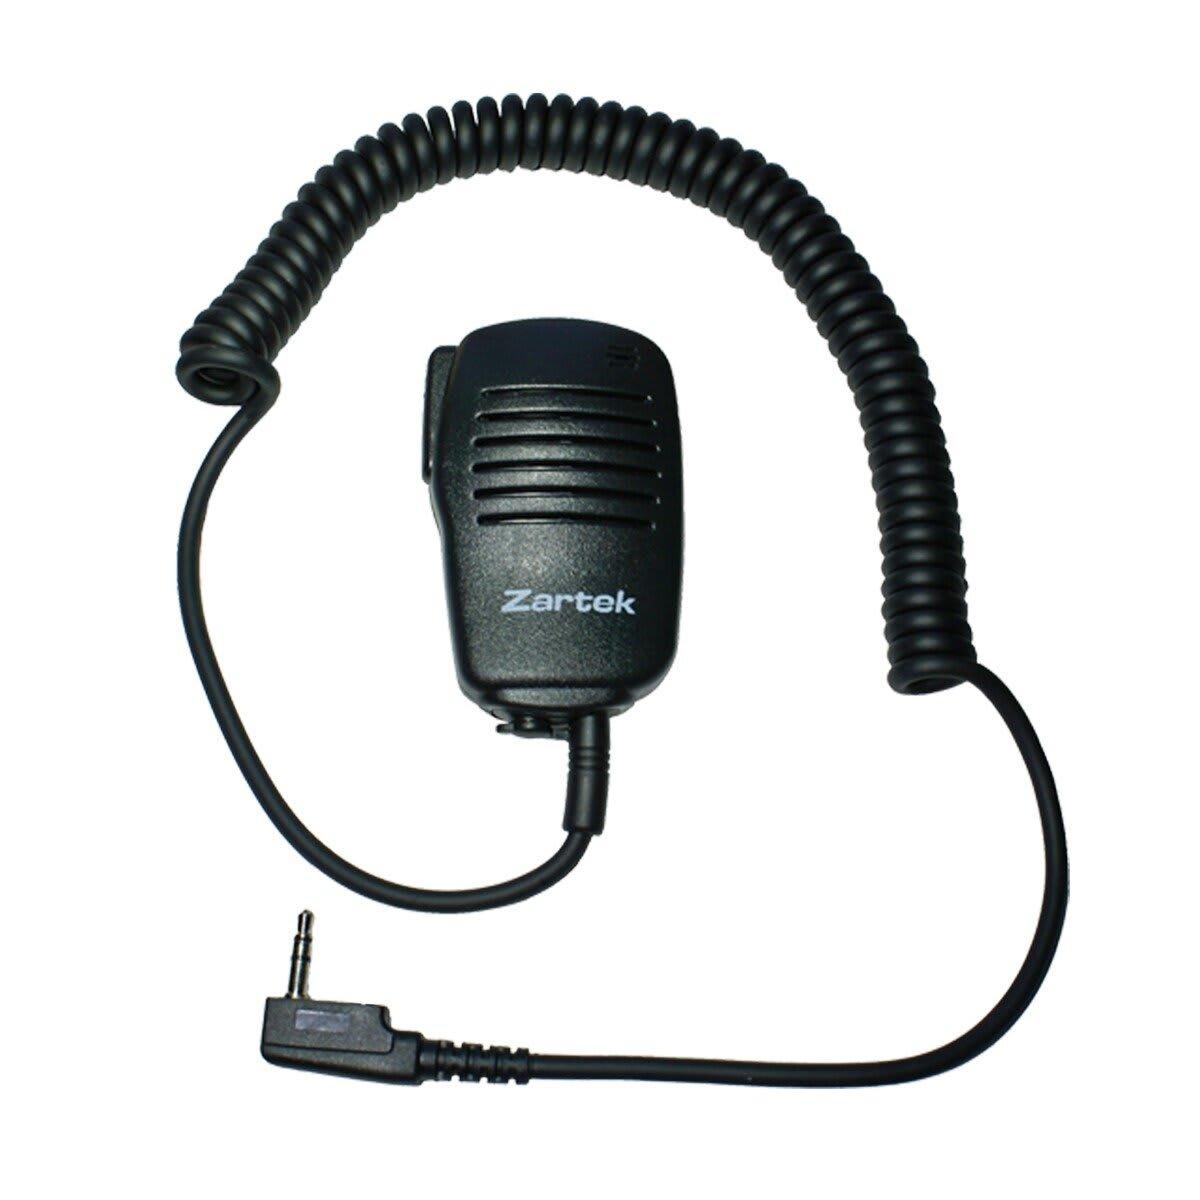 Zartek ZA-748 Lapel/Handheld Speaker